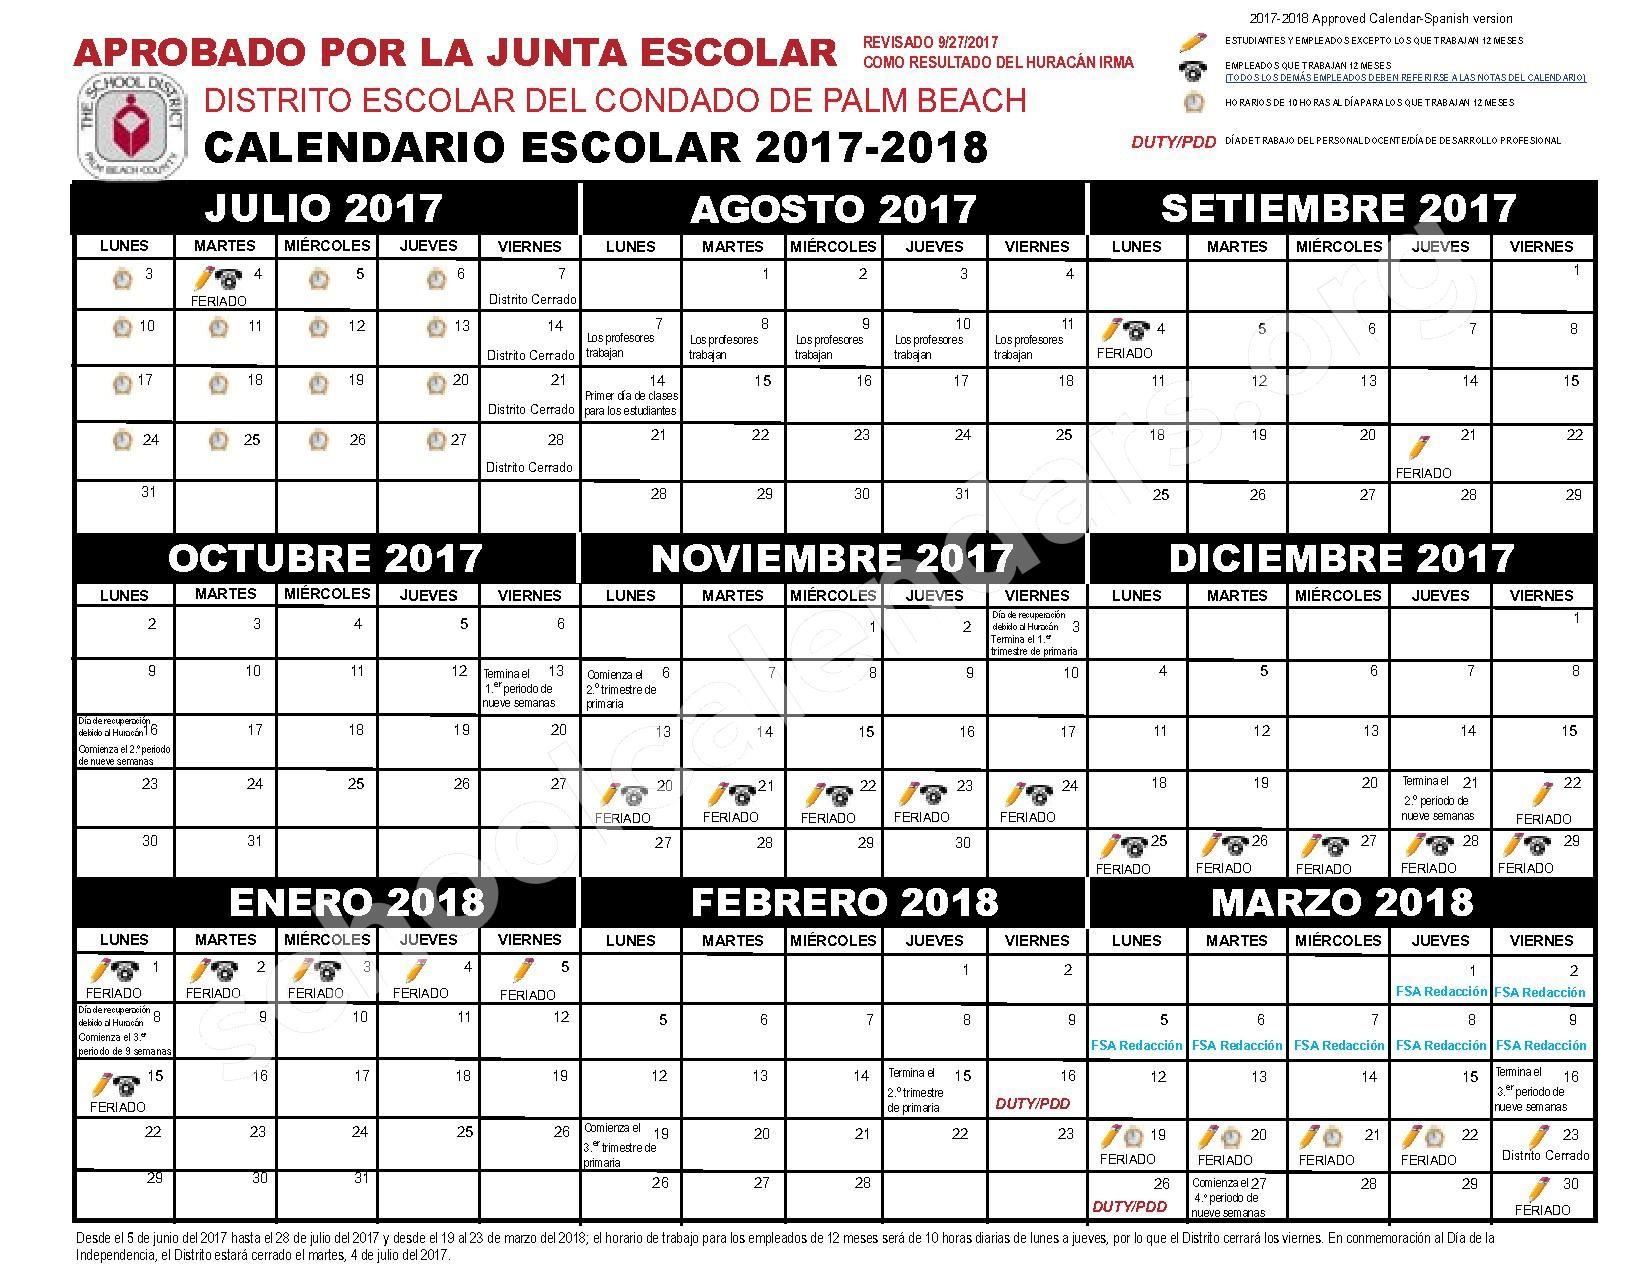 Calendario Escolar 2019 Florida Recientes 2017 2018 Calendario Escolar